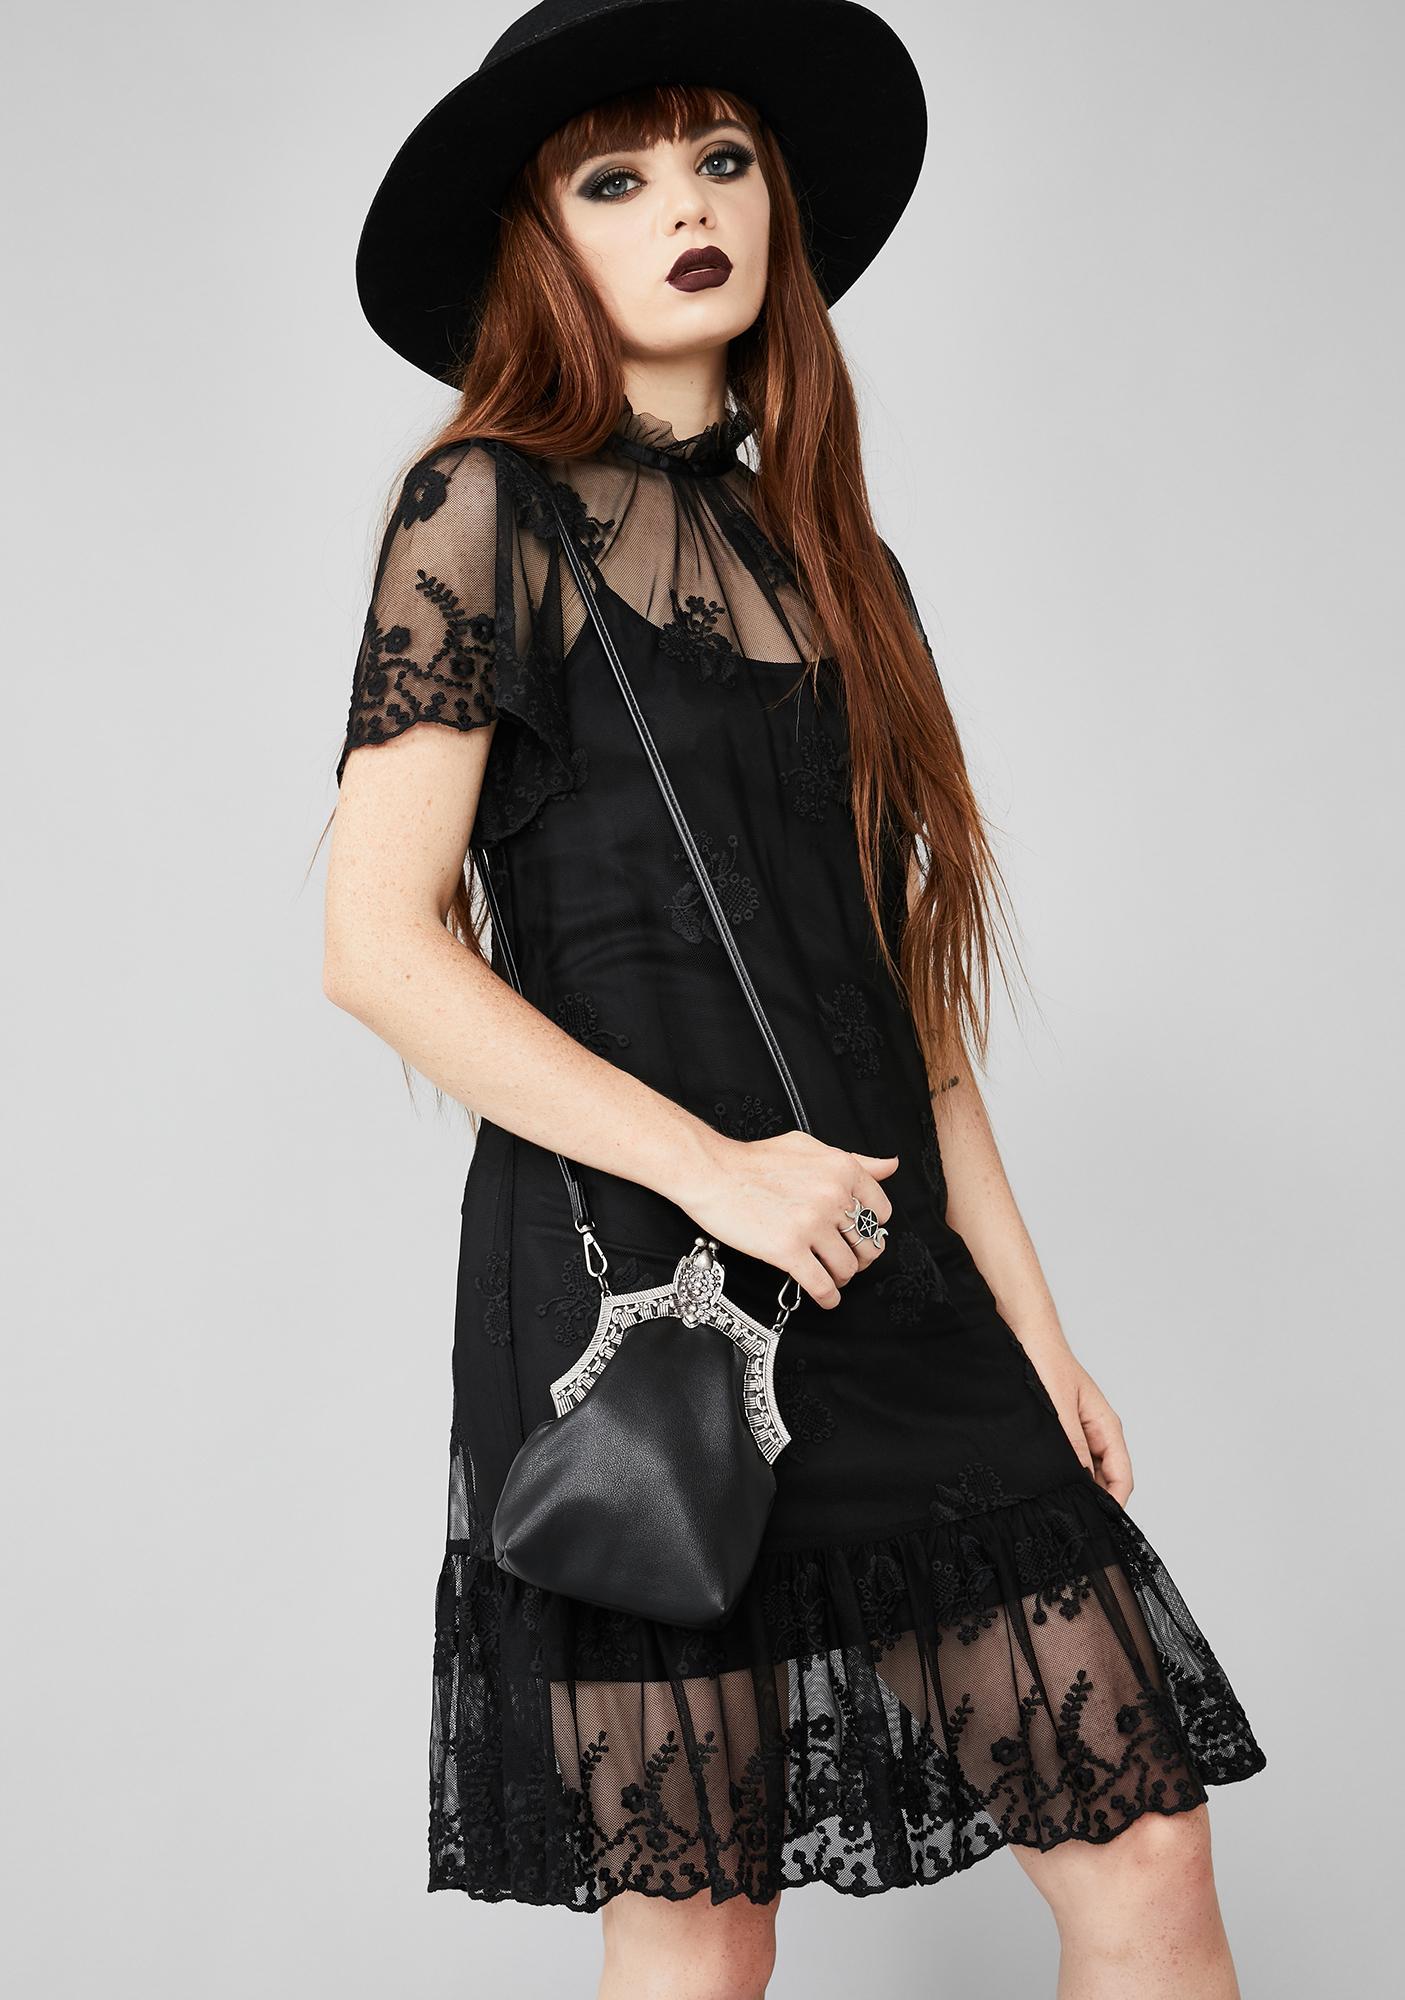 Widow Lady Lovesikk Lace Dress